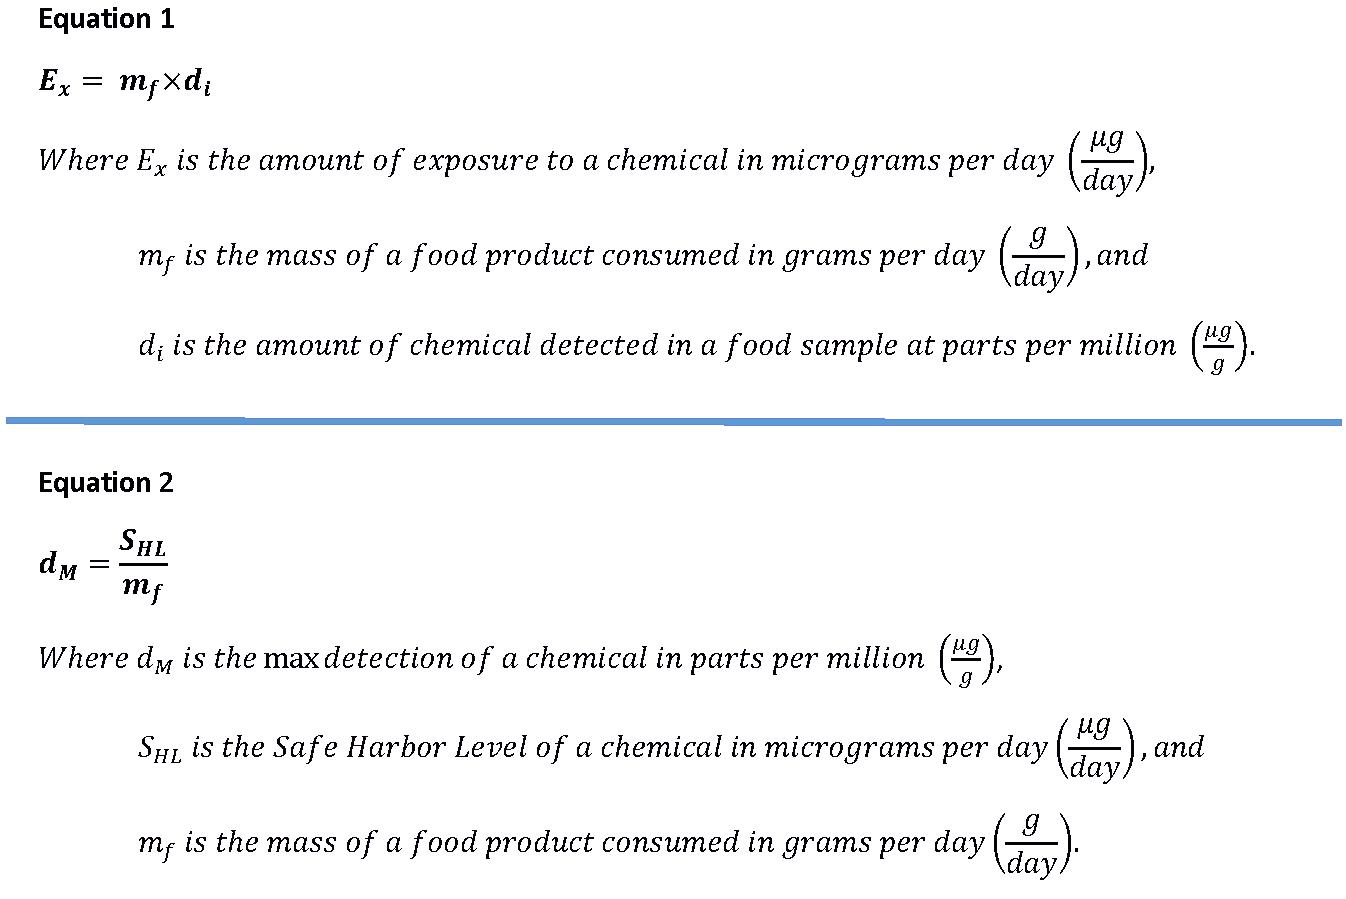 prop-65-equation